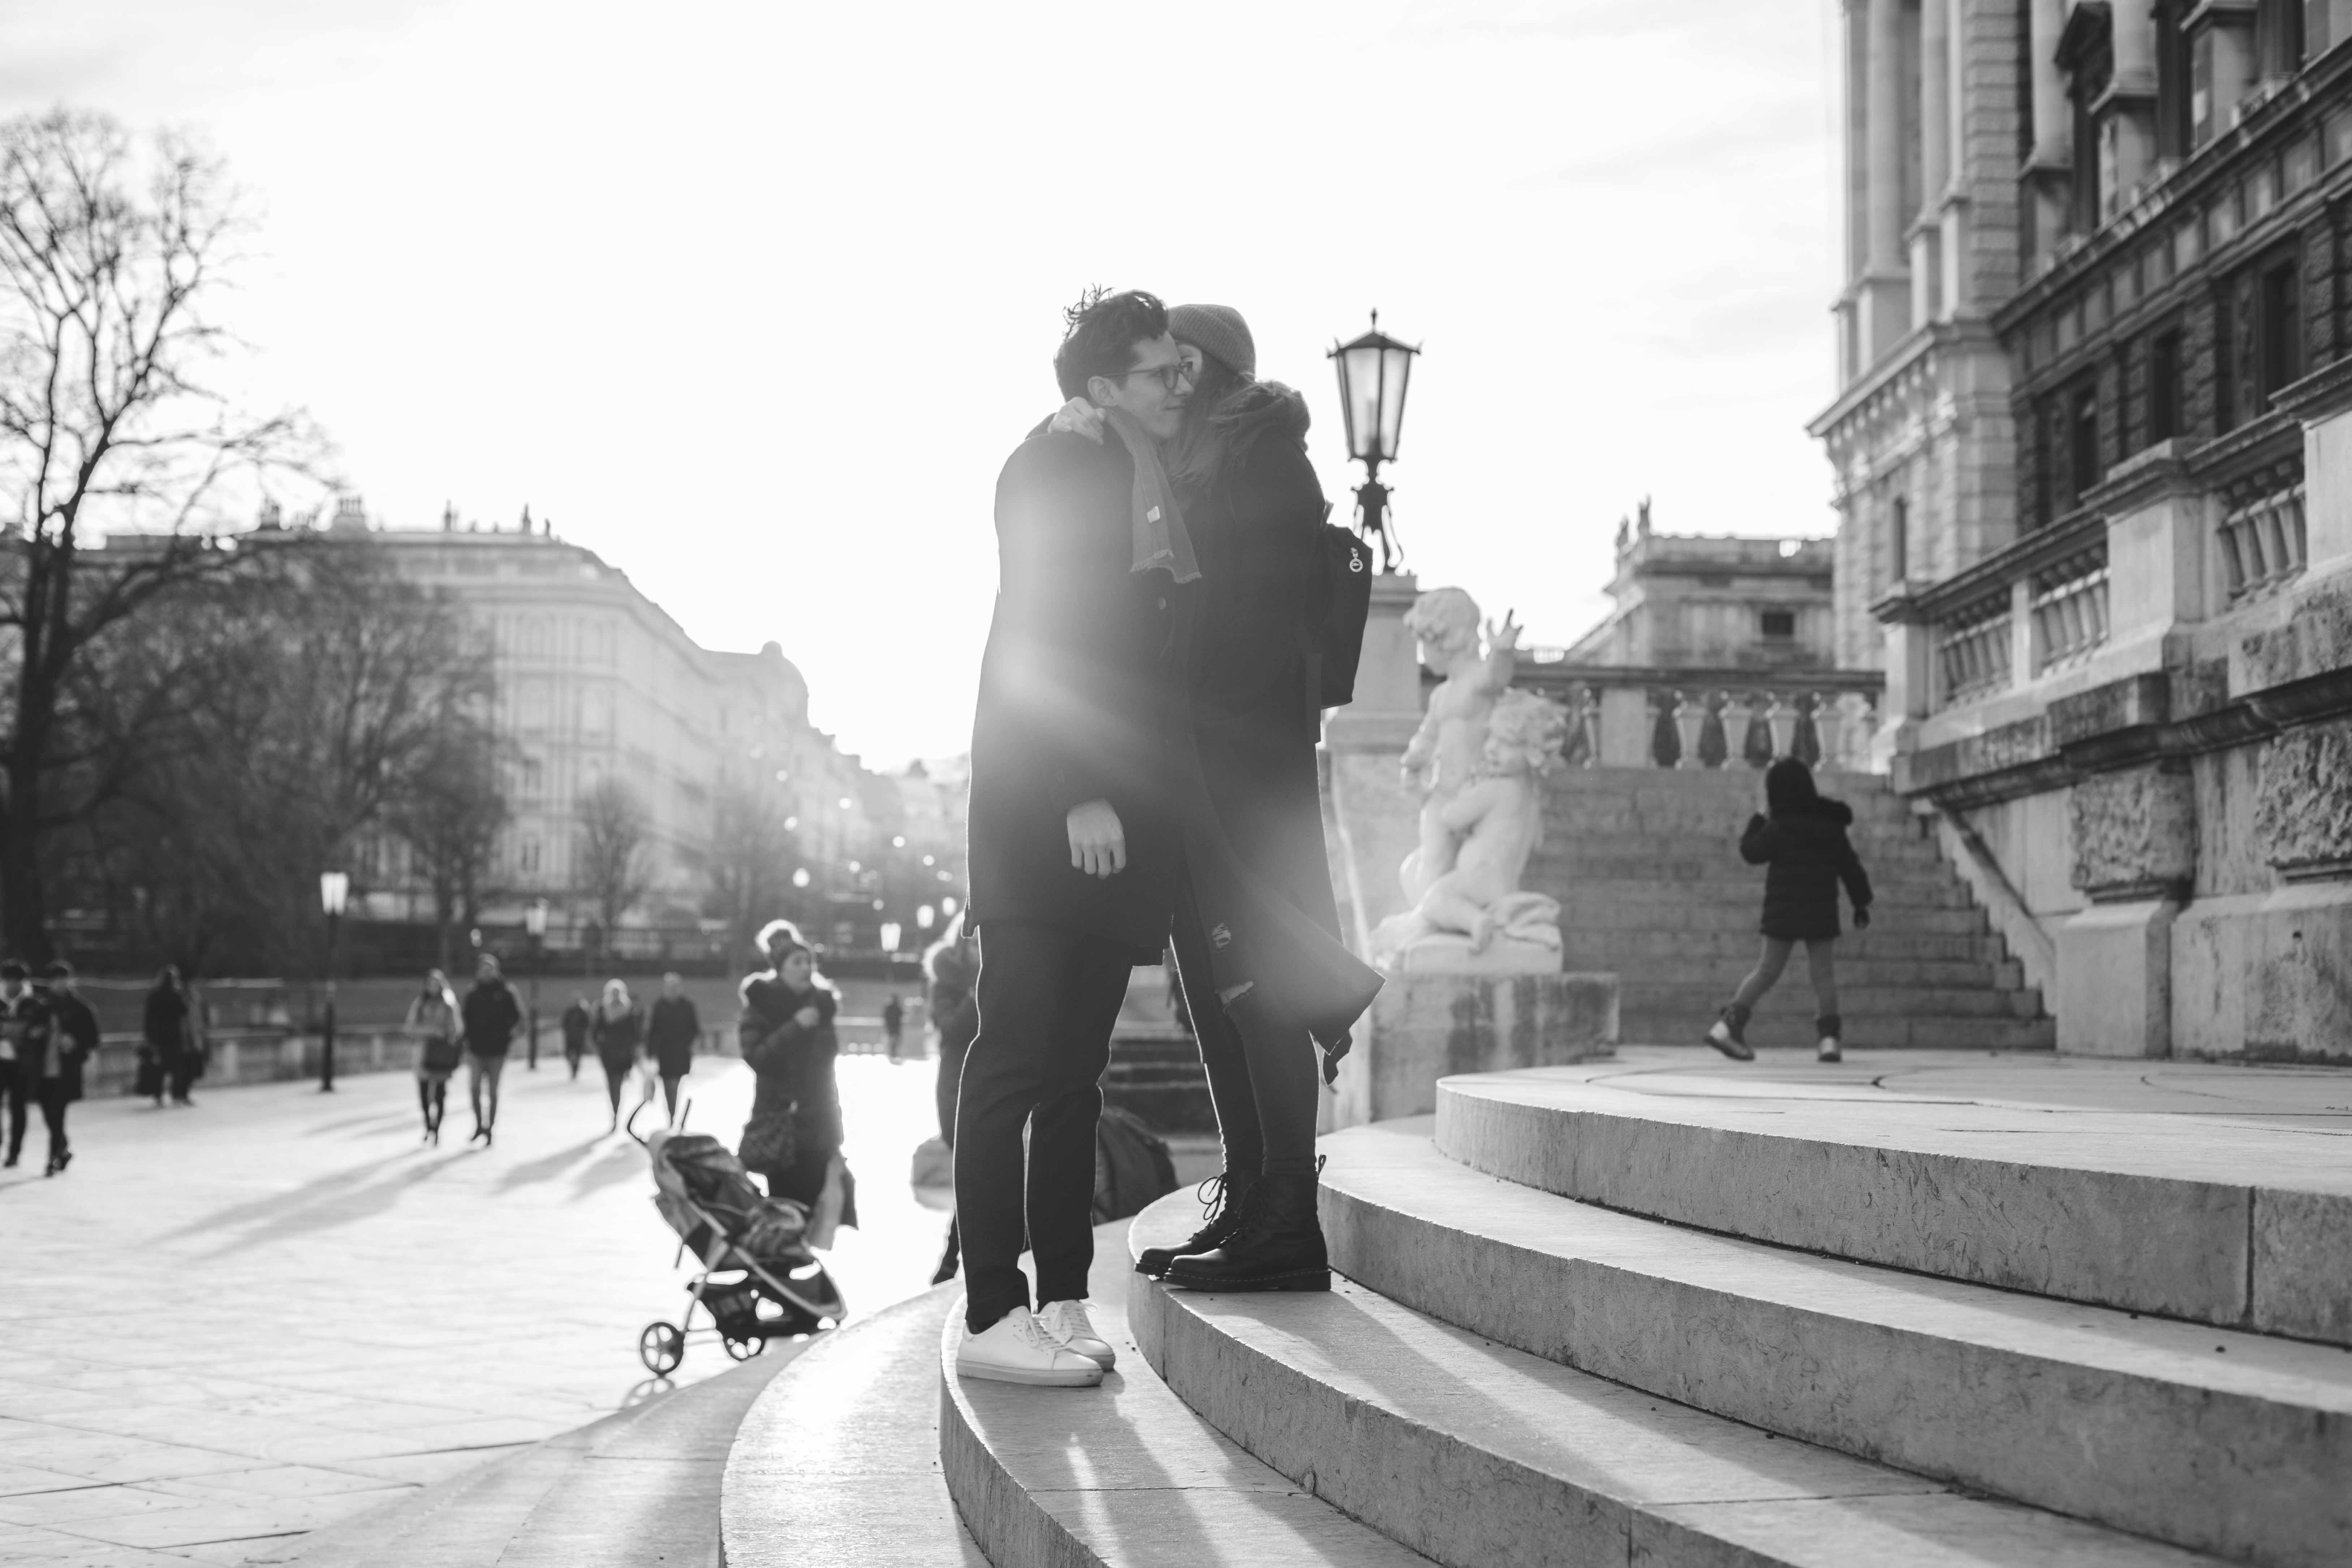 Fernbeziehung, Tipps, Glückliche Beziehung, Anna-Laura Kummer